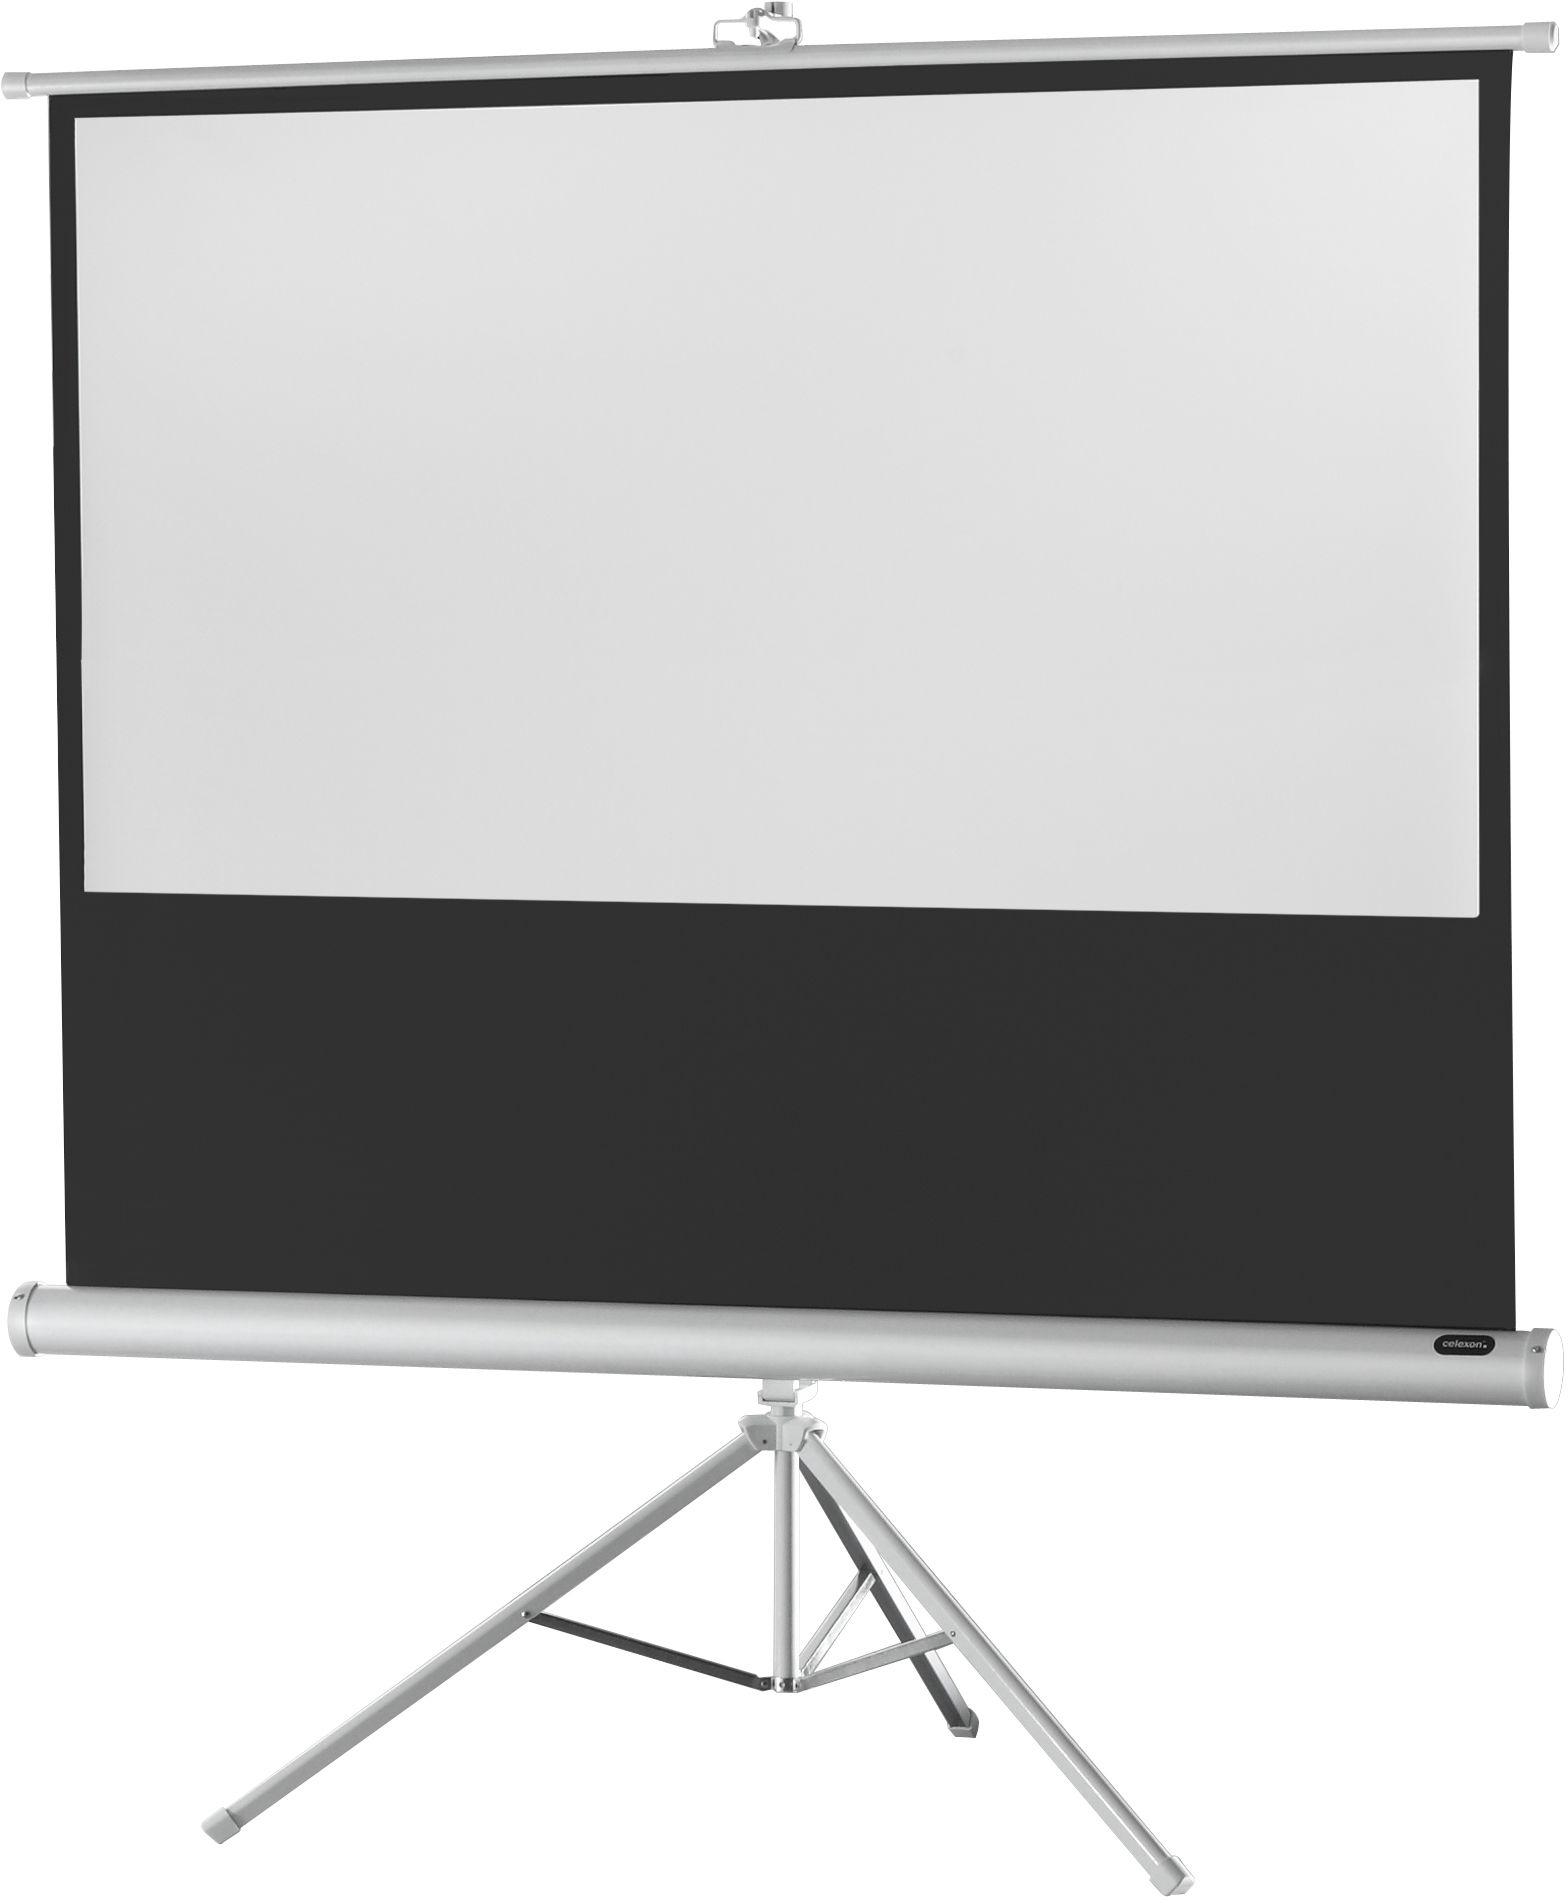 celexon Economy 184 x 104 cm ekran projekcyjny na trójnogu - Biala edycja